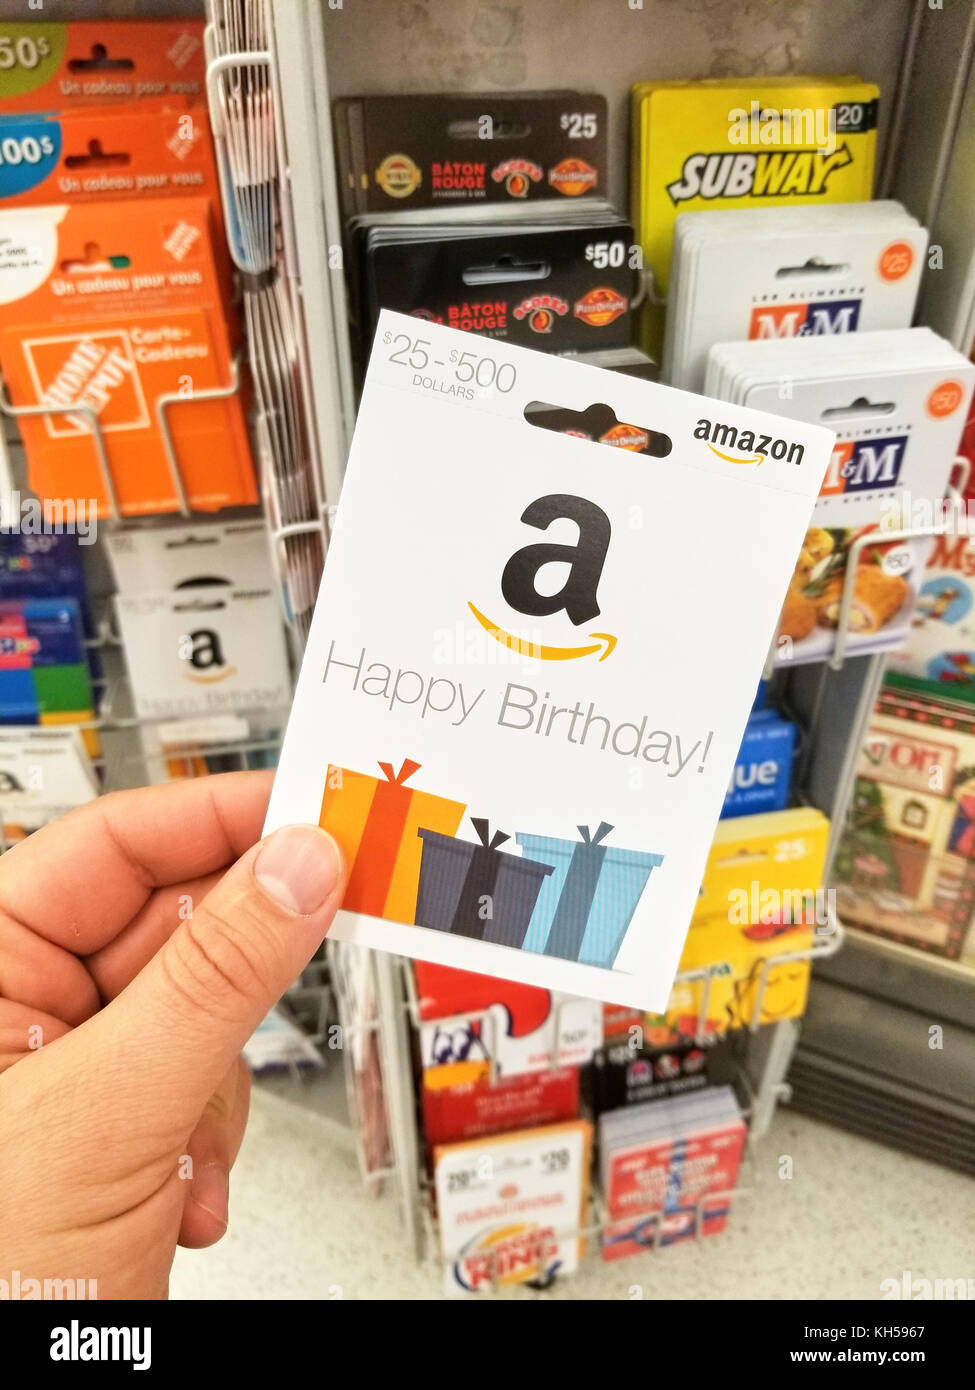 2017 Happy Birthday Amazon Gift Card In Eine Hand Auf Geschenkkarten Hintergrund Ist US Amerikanische Electronic Commerce Und